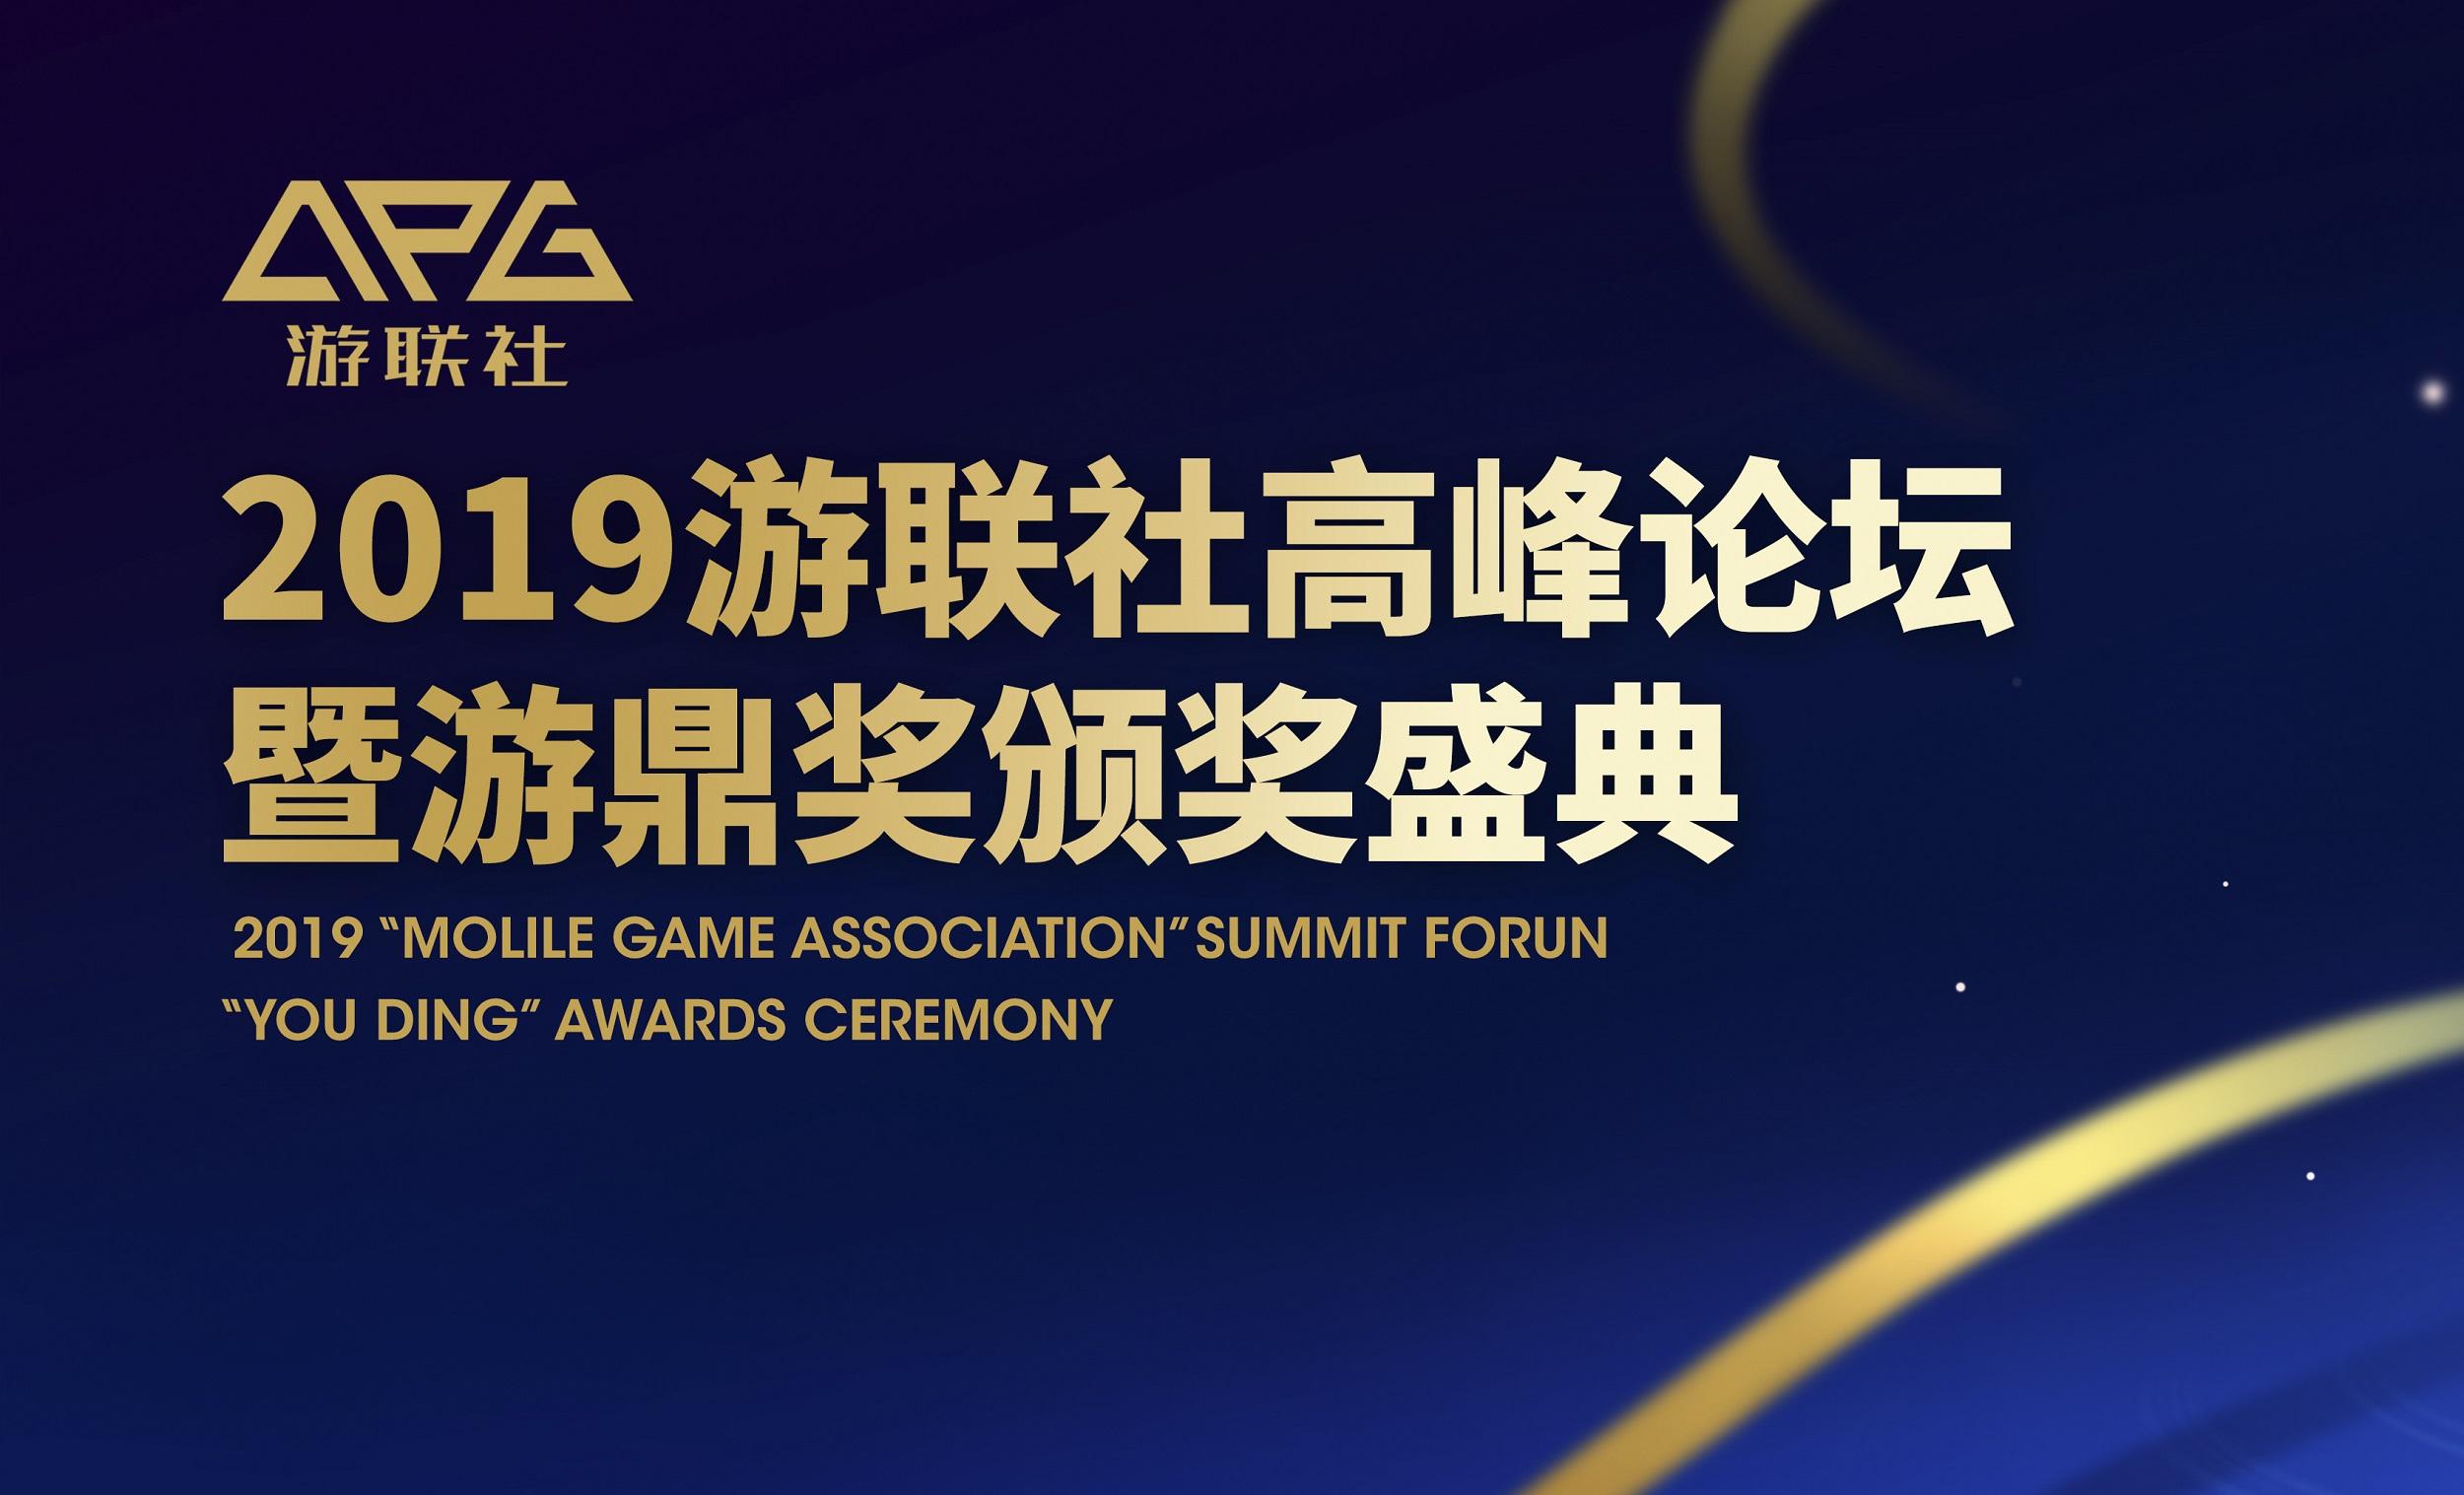 恺英网络荣获第四届游鼎奖年度最具影响力游戏企业